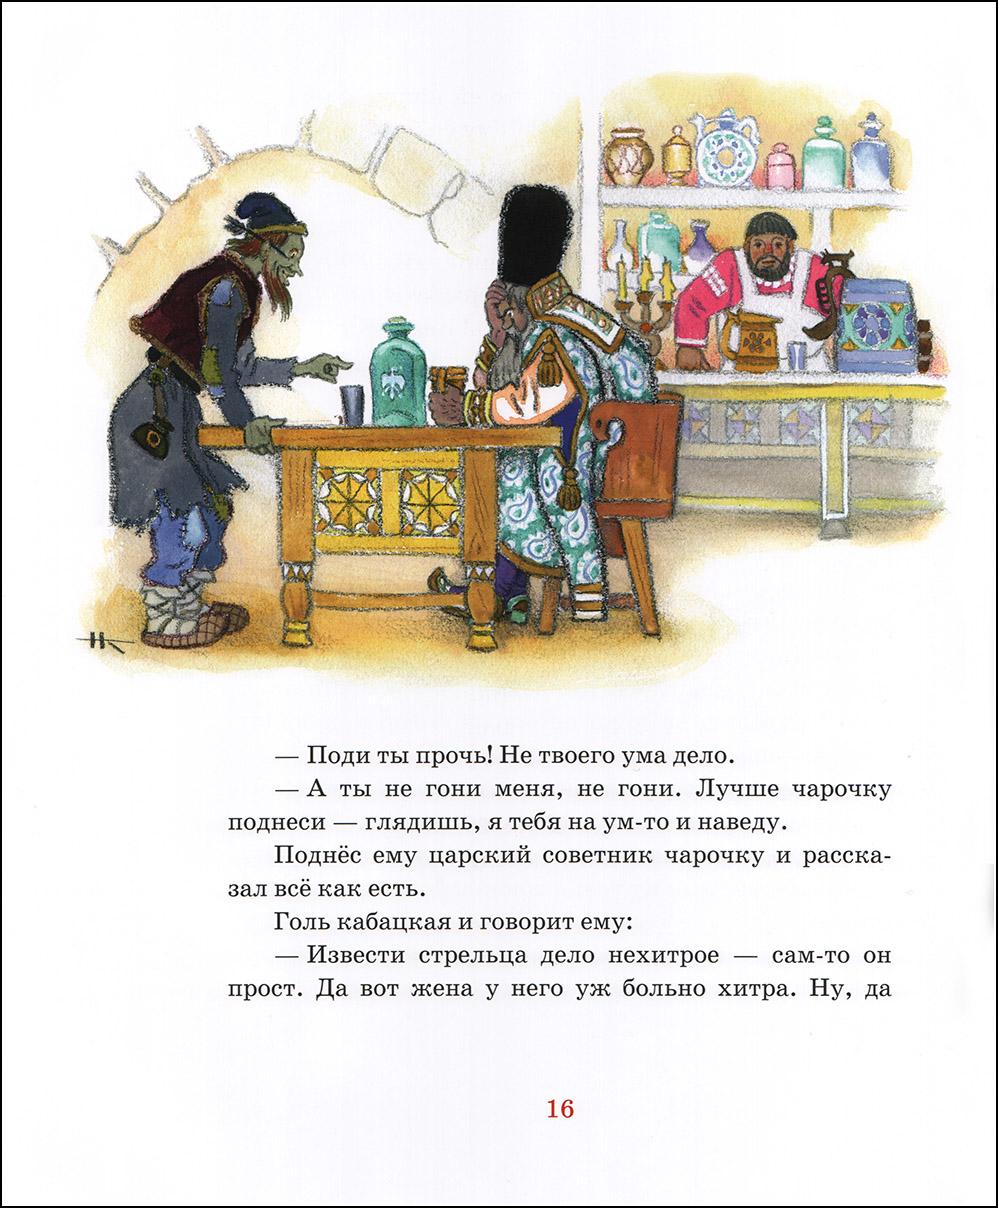 Николай Кочергин, Русские народные сказки